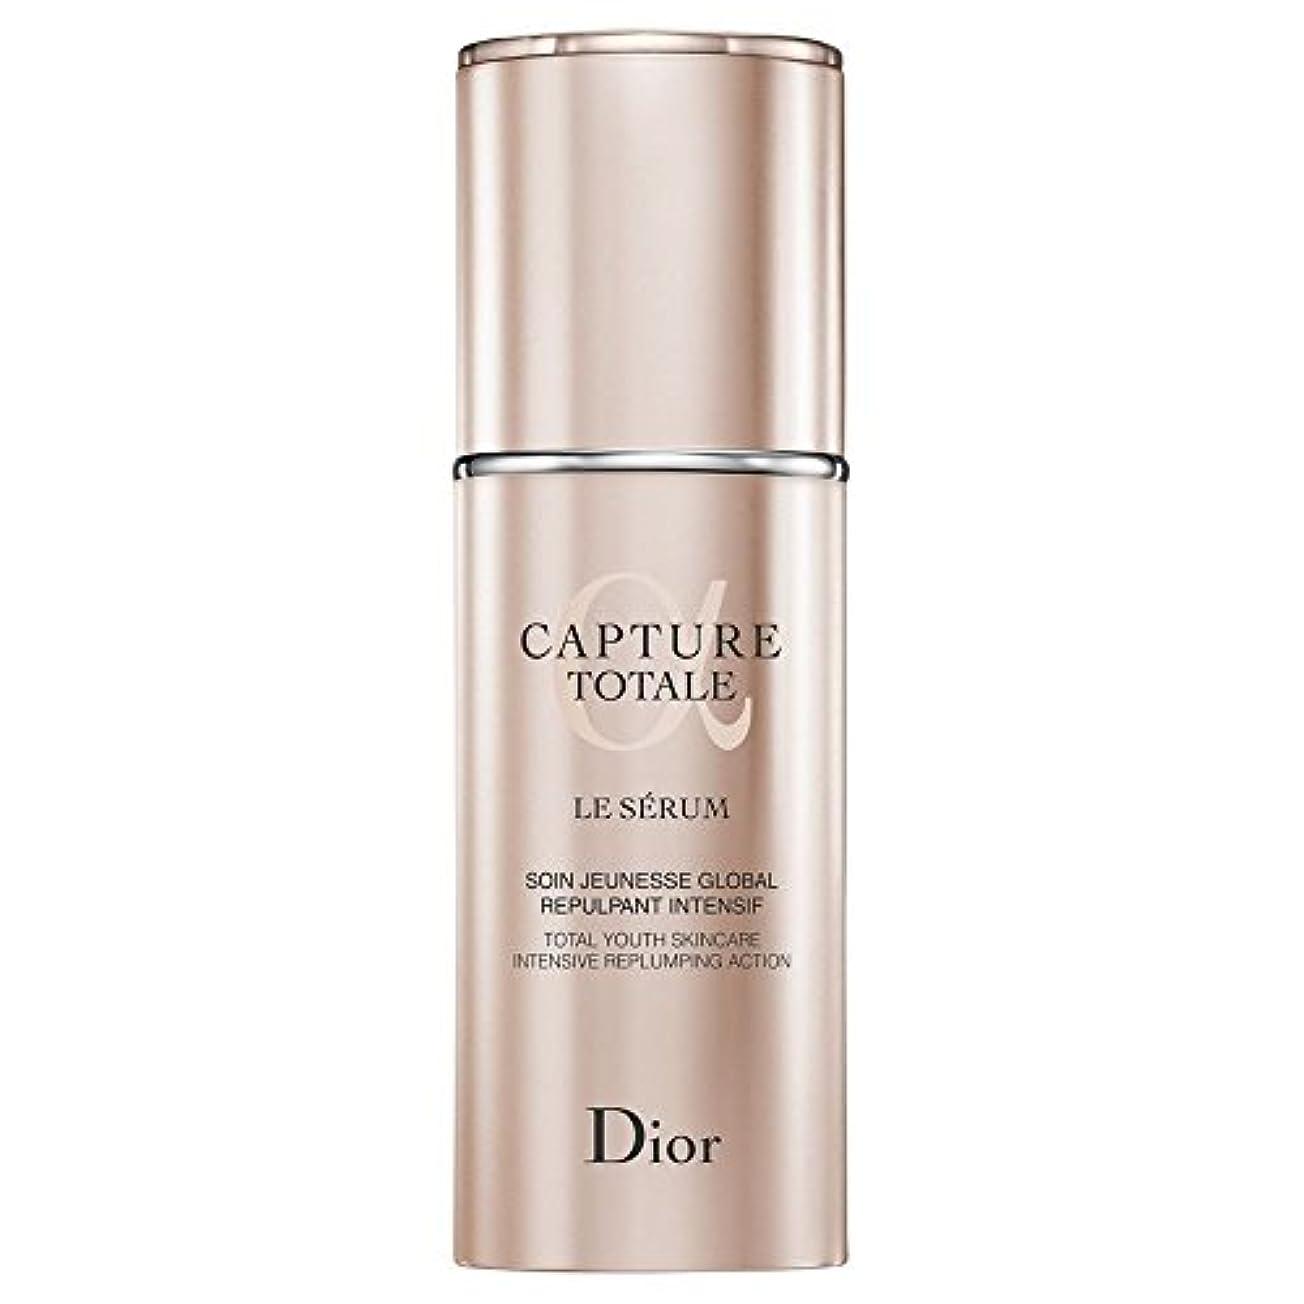 抽出詩送信する[Dior] ディオールカプチュールR60ル血清30ミリリットル - Dior Capture Totale Le Serum 30ml [並行輸入品]